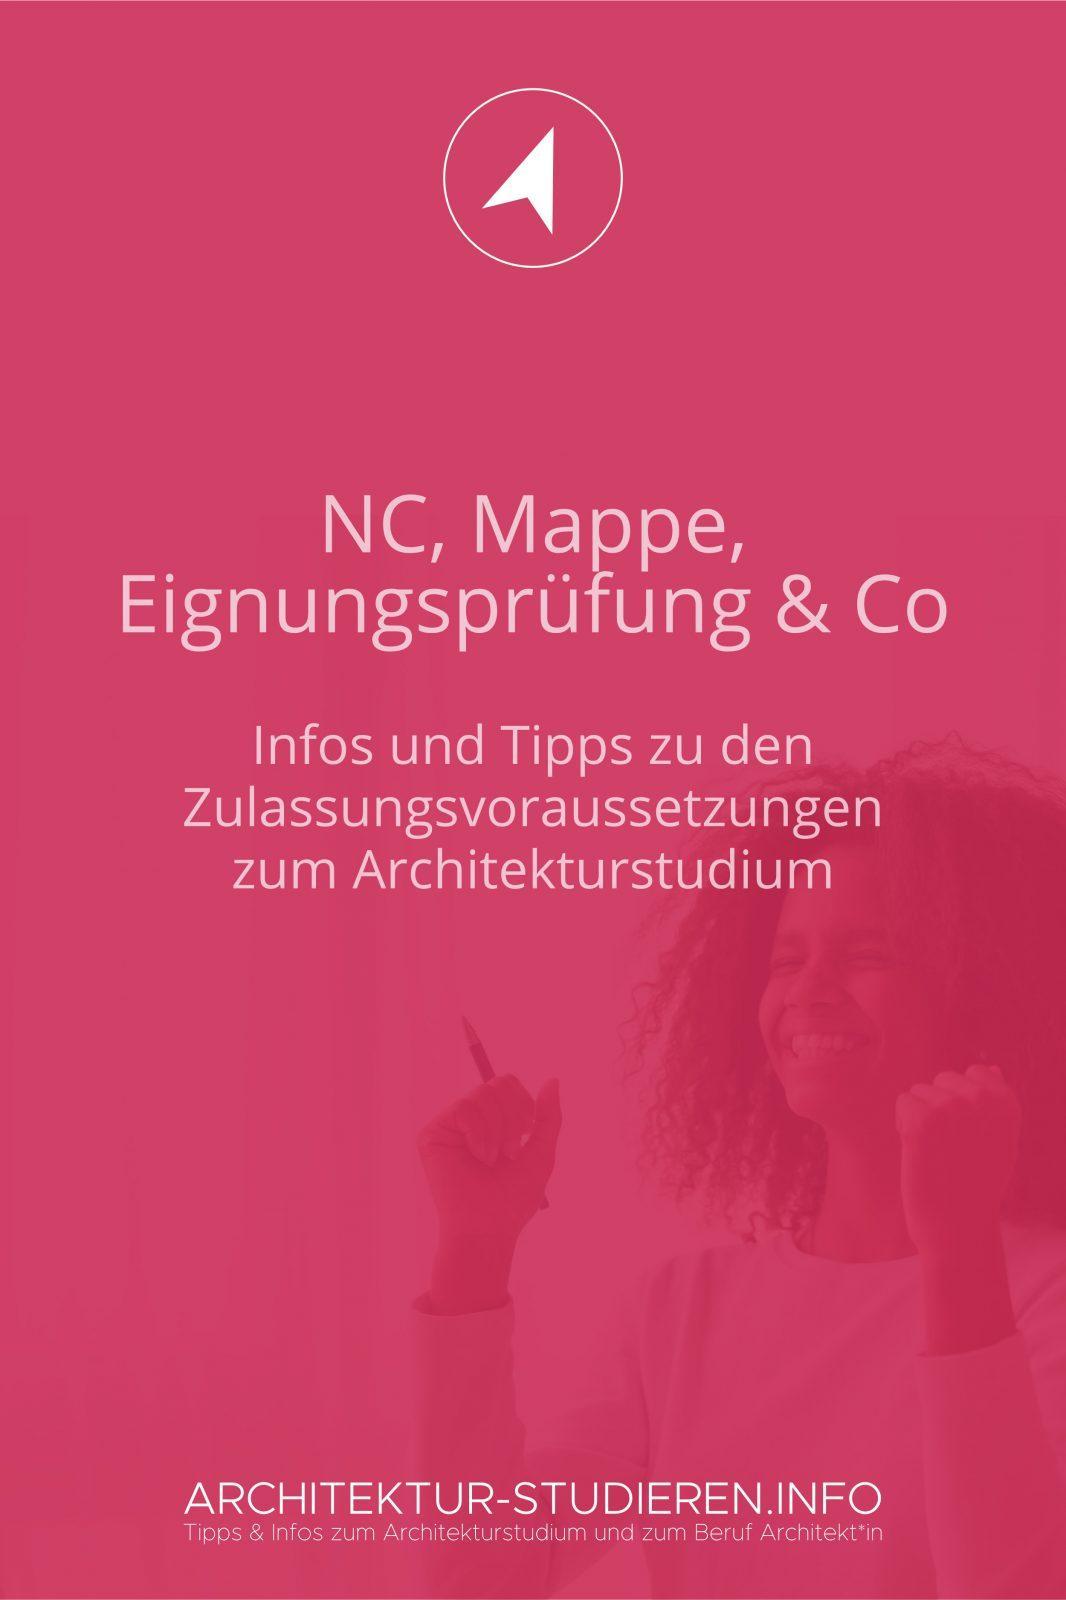 Bewerbung: Zulassungsvoraussetzungen und -Beschränkungen zum Architekturstudium | © Anett Ring, Architektur-studieren.info